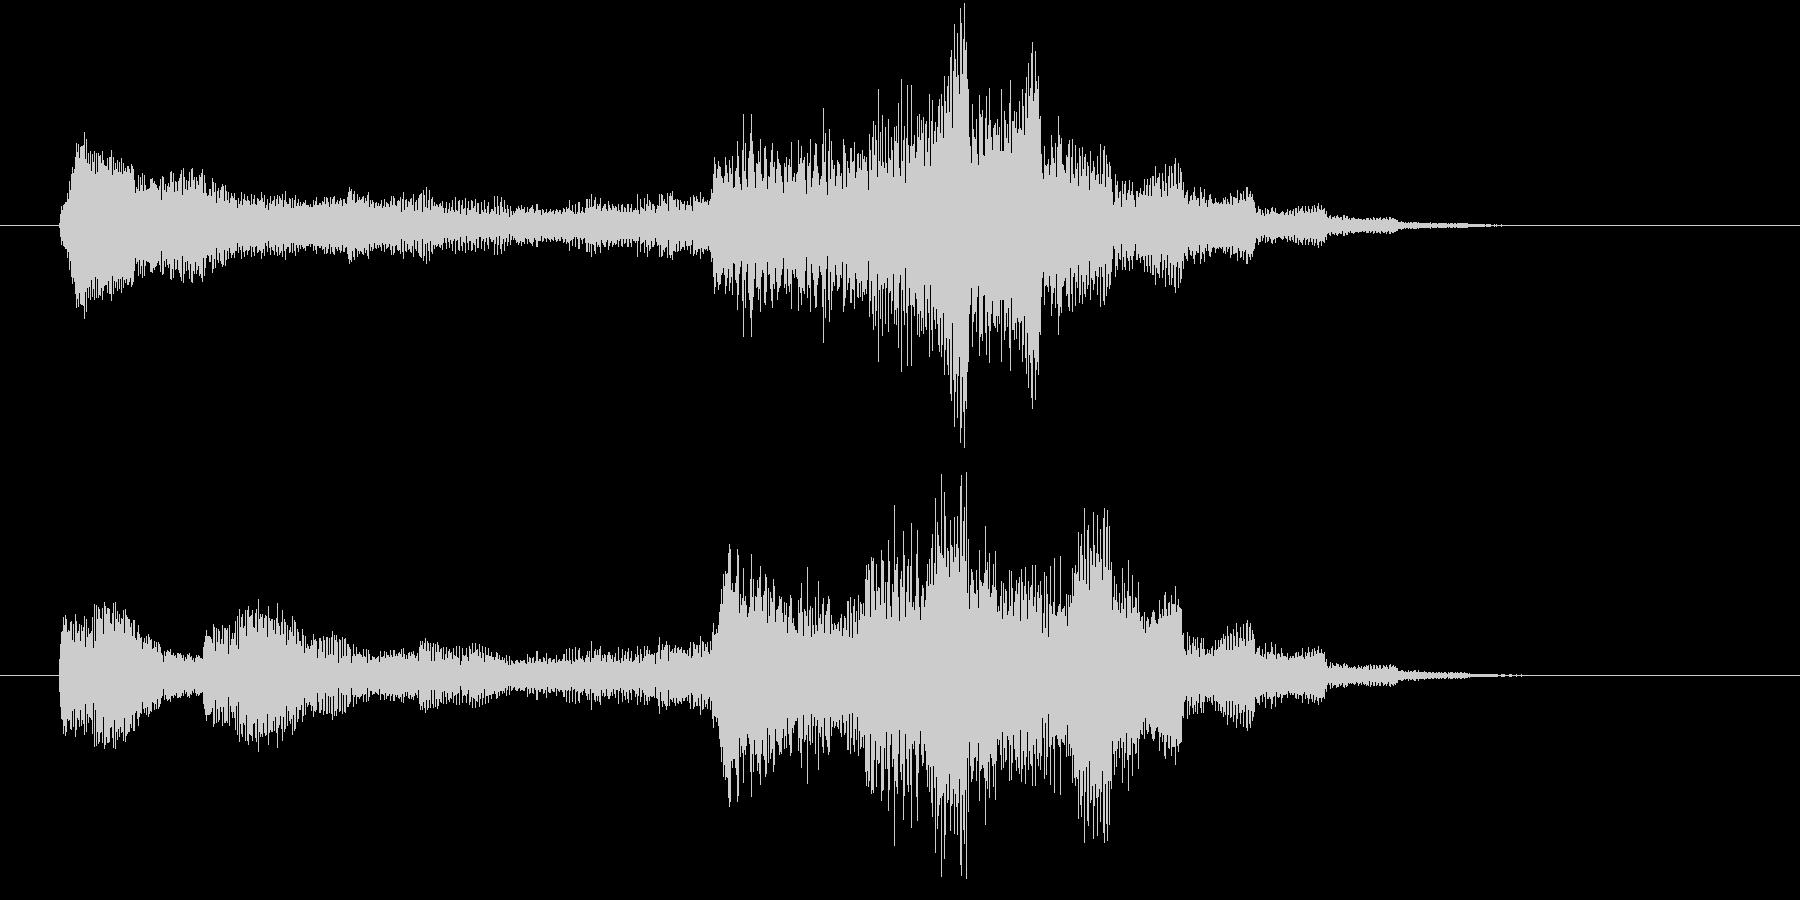 電子音による近未来的なサウンドロゴの未再生の波形